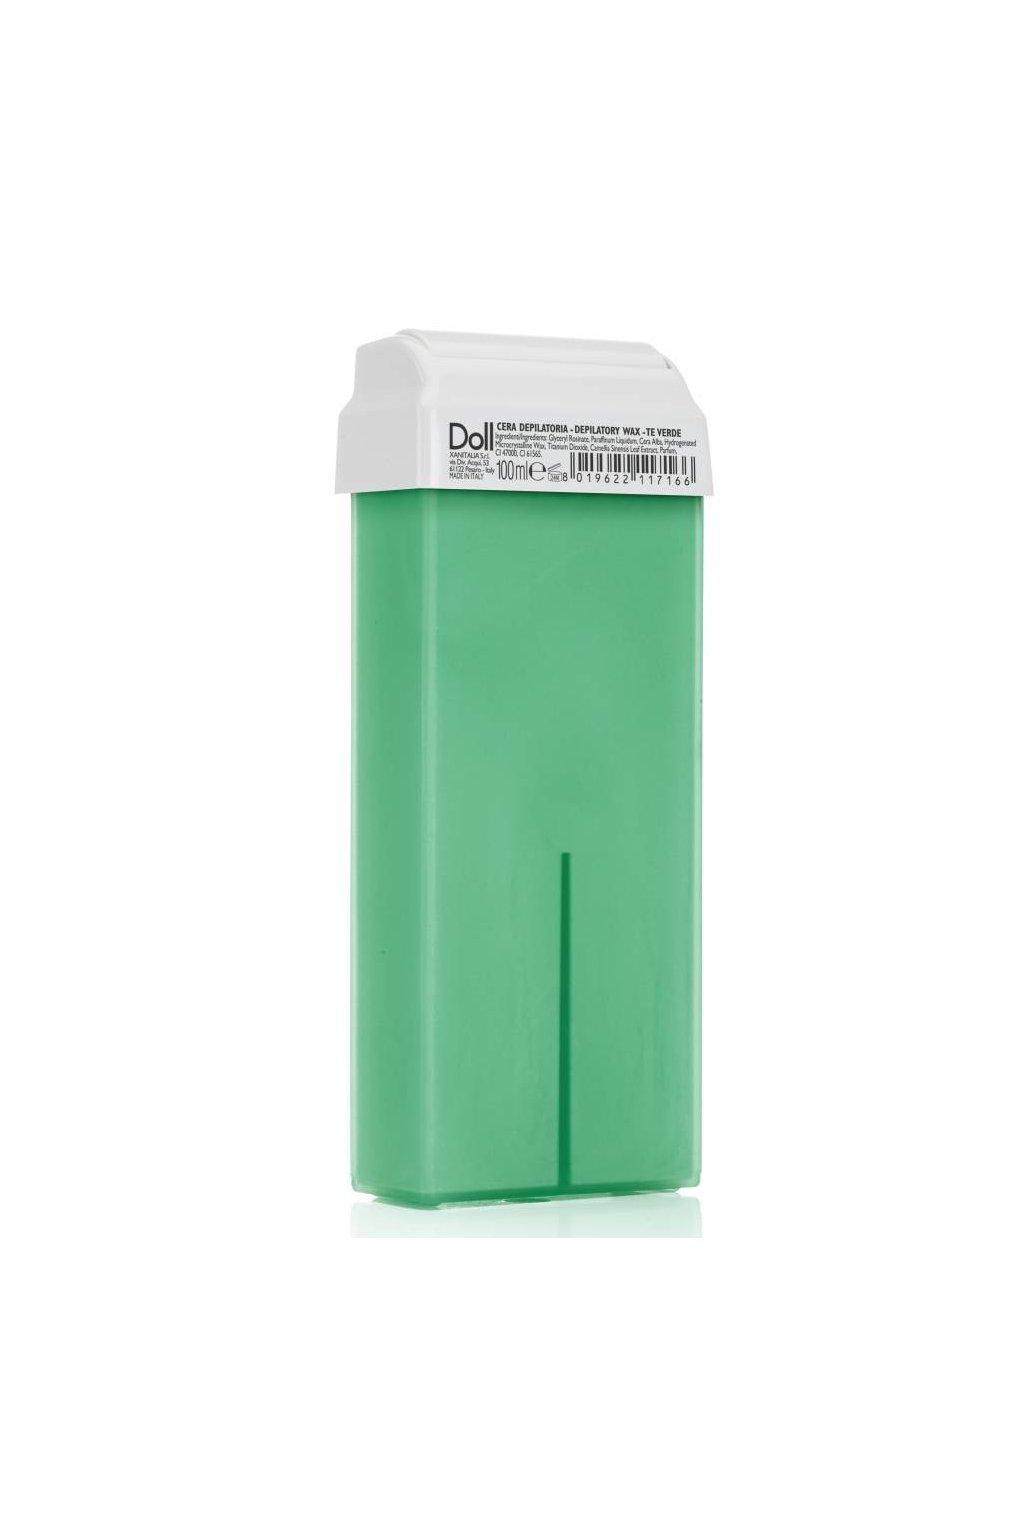 8108 xanitalia epilacni vosk zeleny caj s rostlinnymi oleji s roll on hlavici 100ml